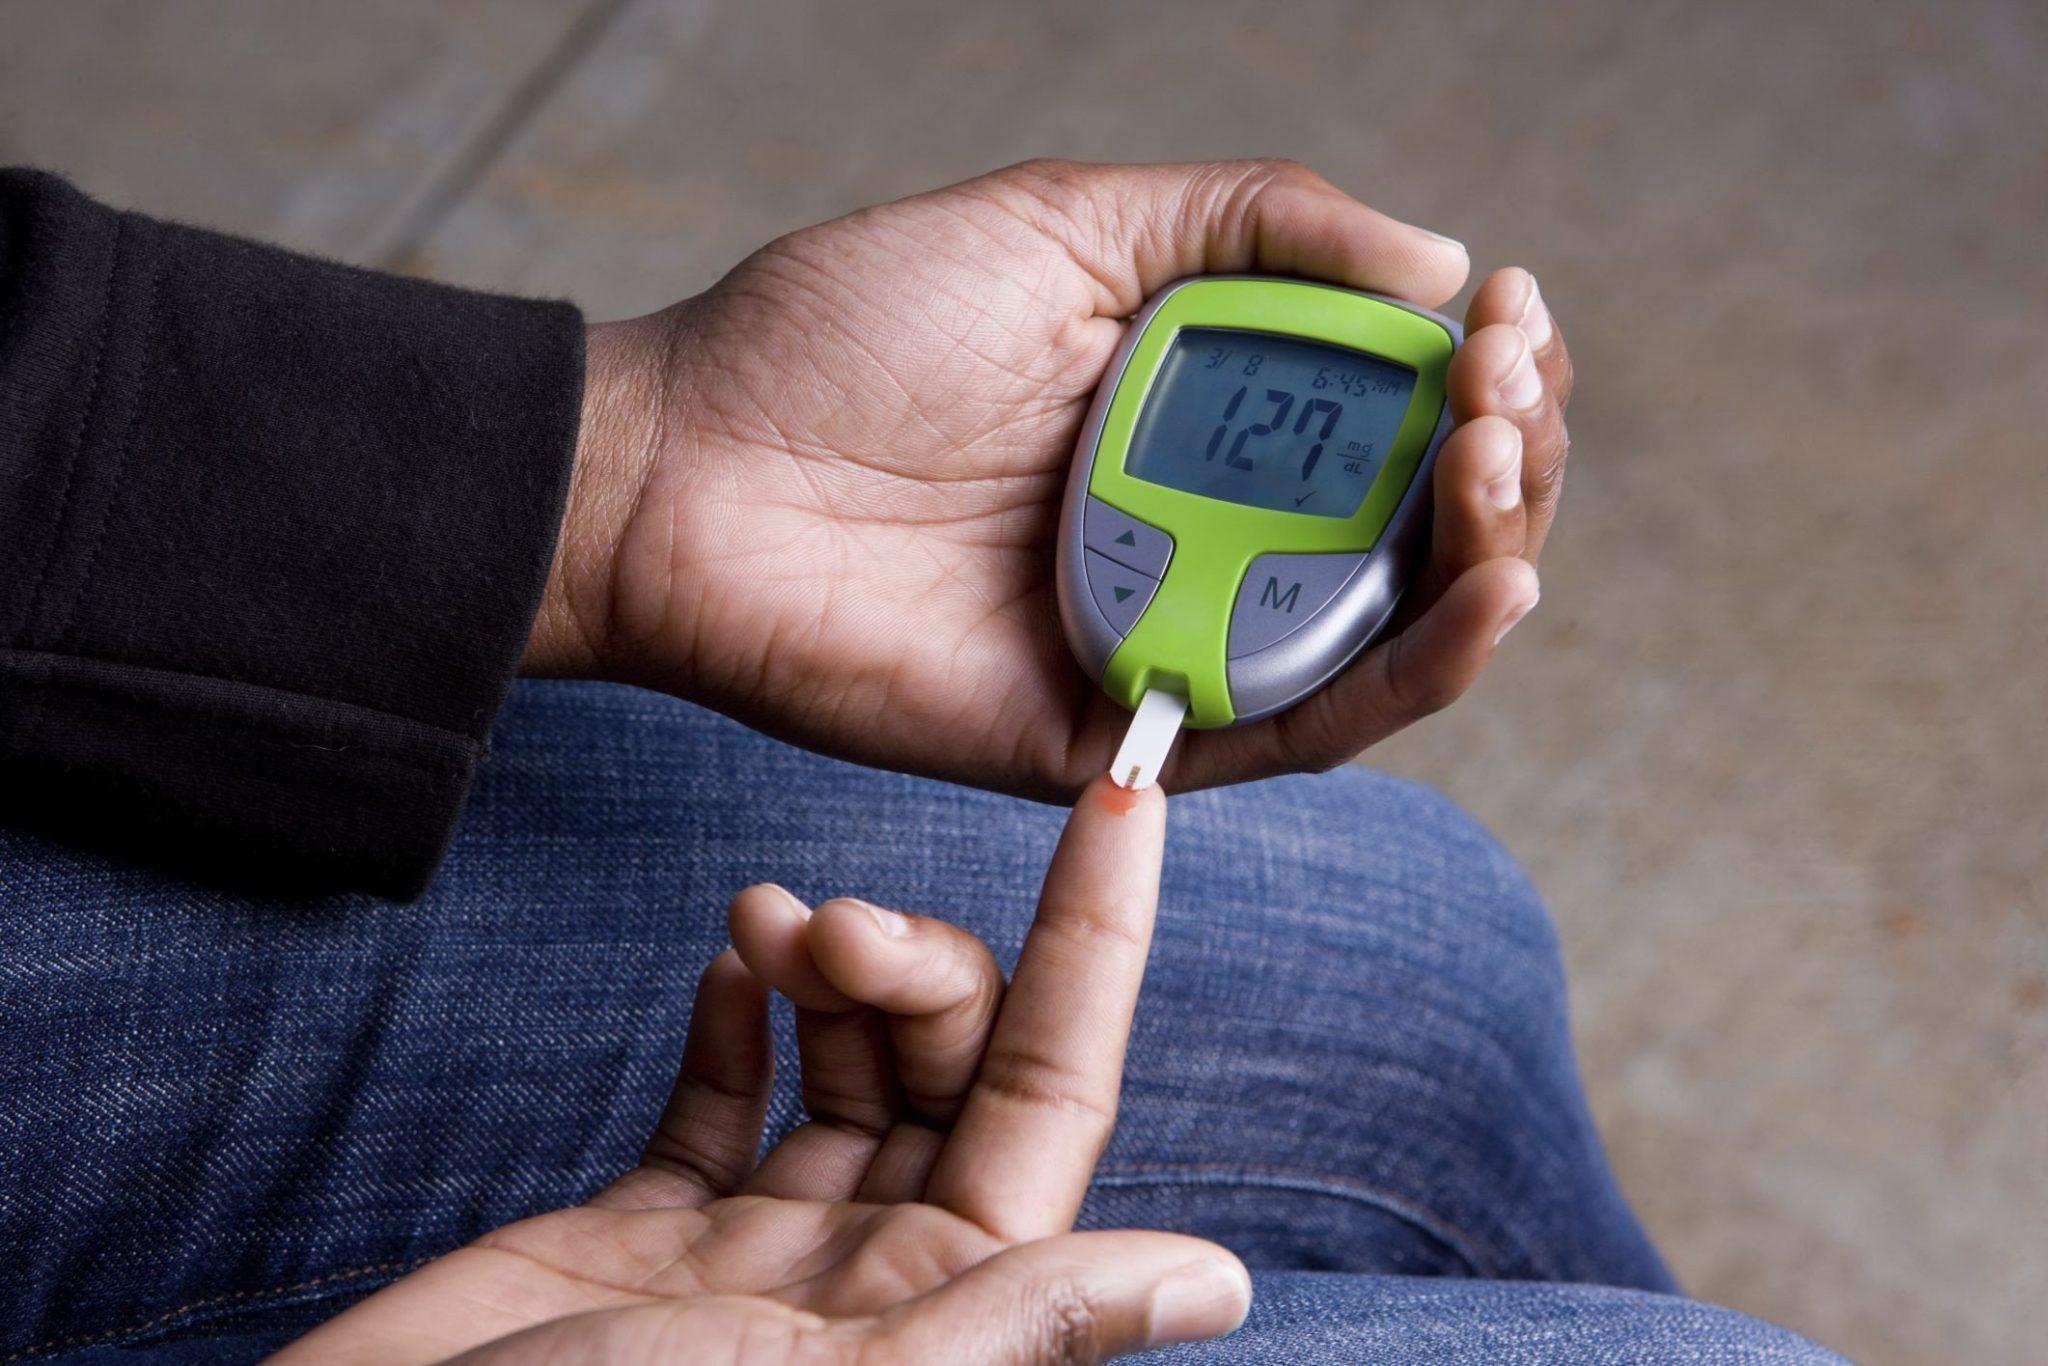 9 признаков того, что в вашей крови критично высокий уровень глюкозы